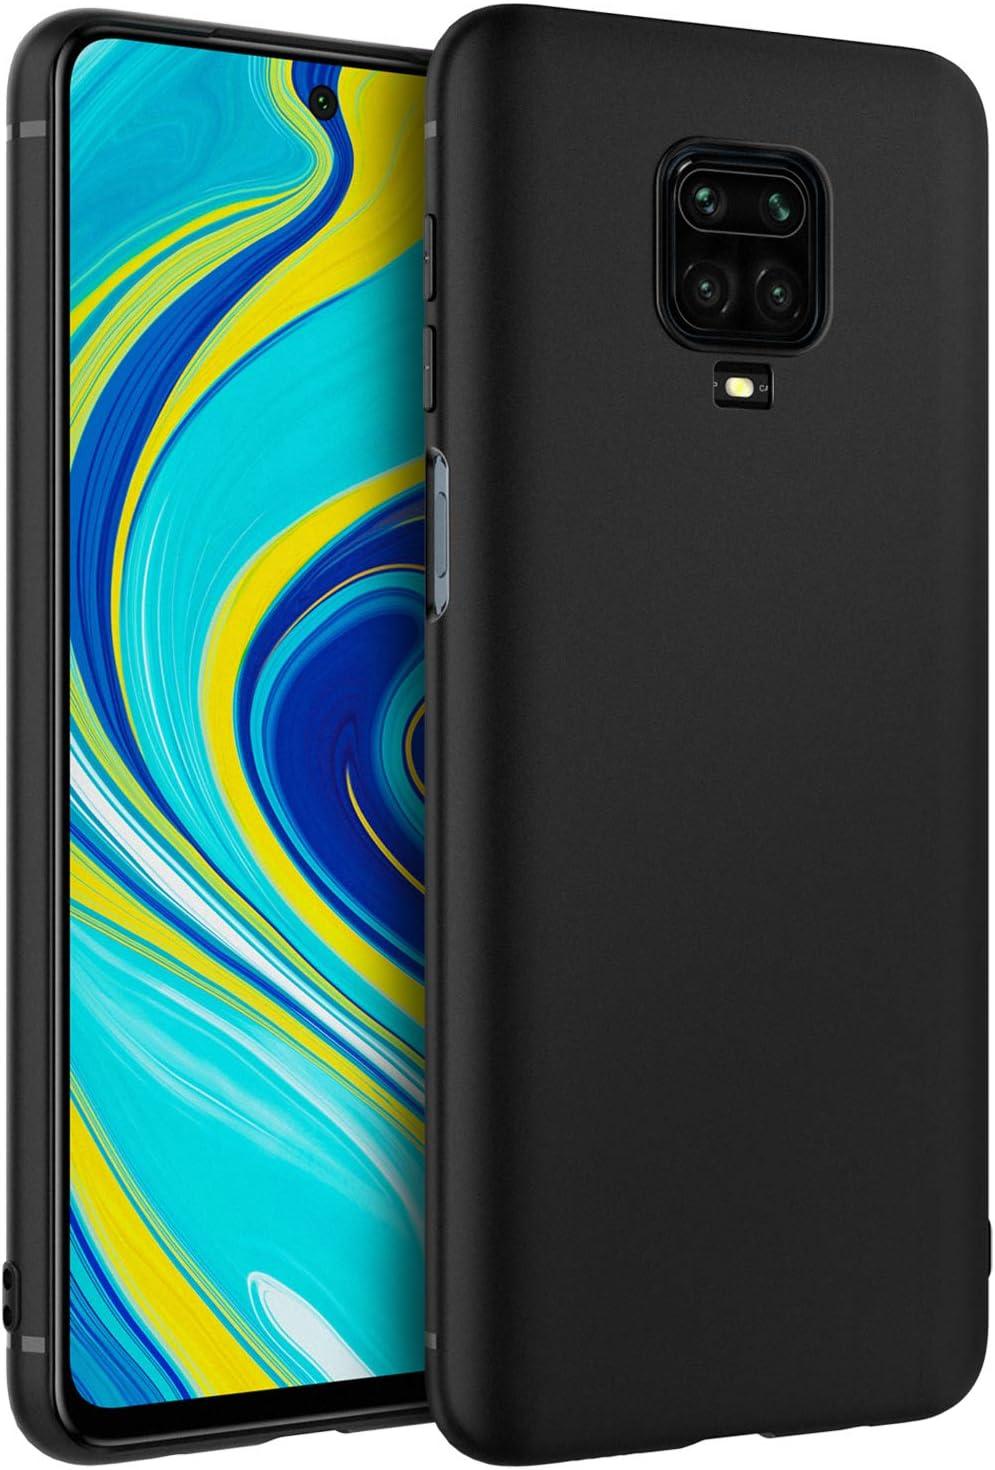 EasyAcc Funda para Xiaomi Redmi Note 9S/9 Pro/Pro MAX Suave TPU Case Protectora Trasera Mate Delgada Carcasa - Negro